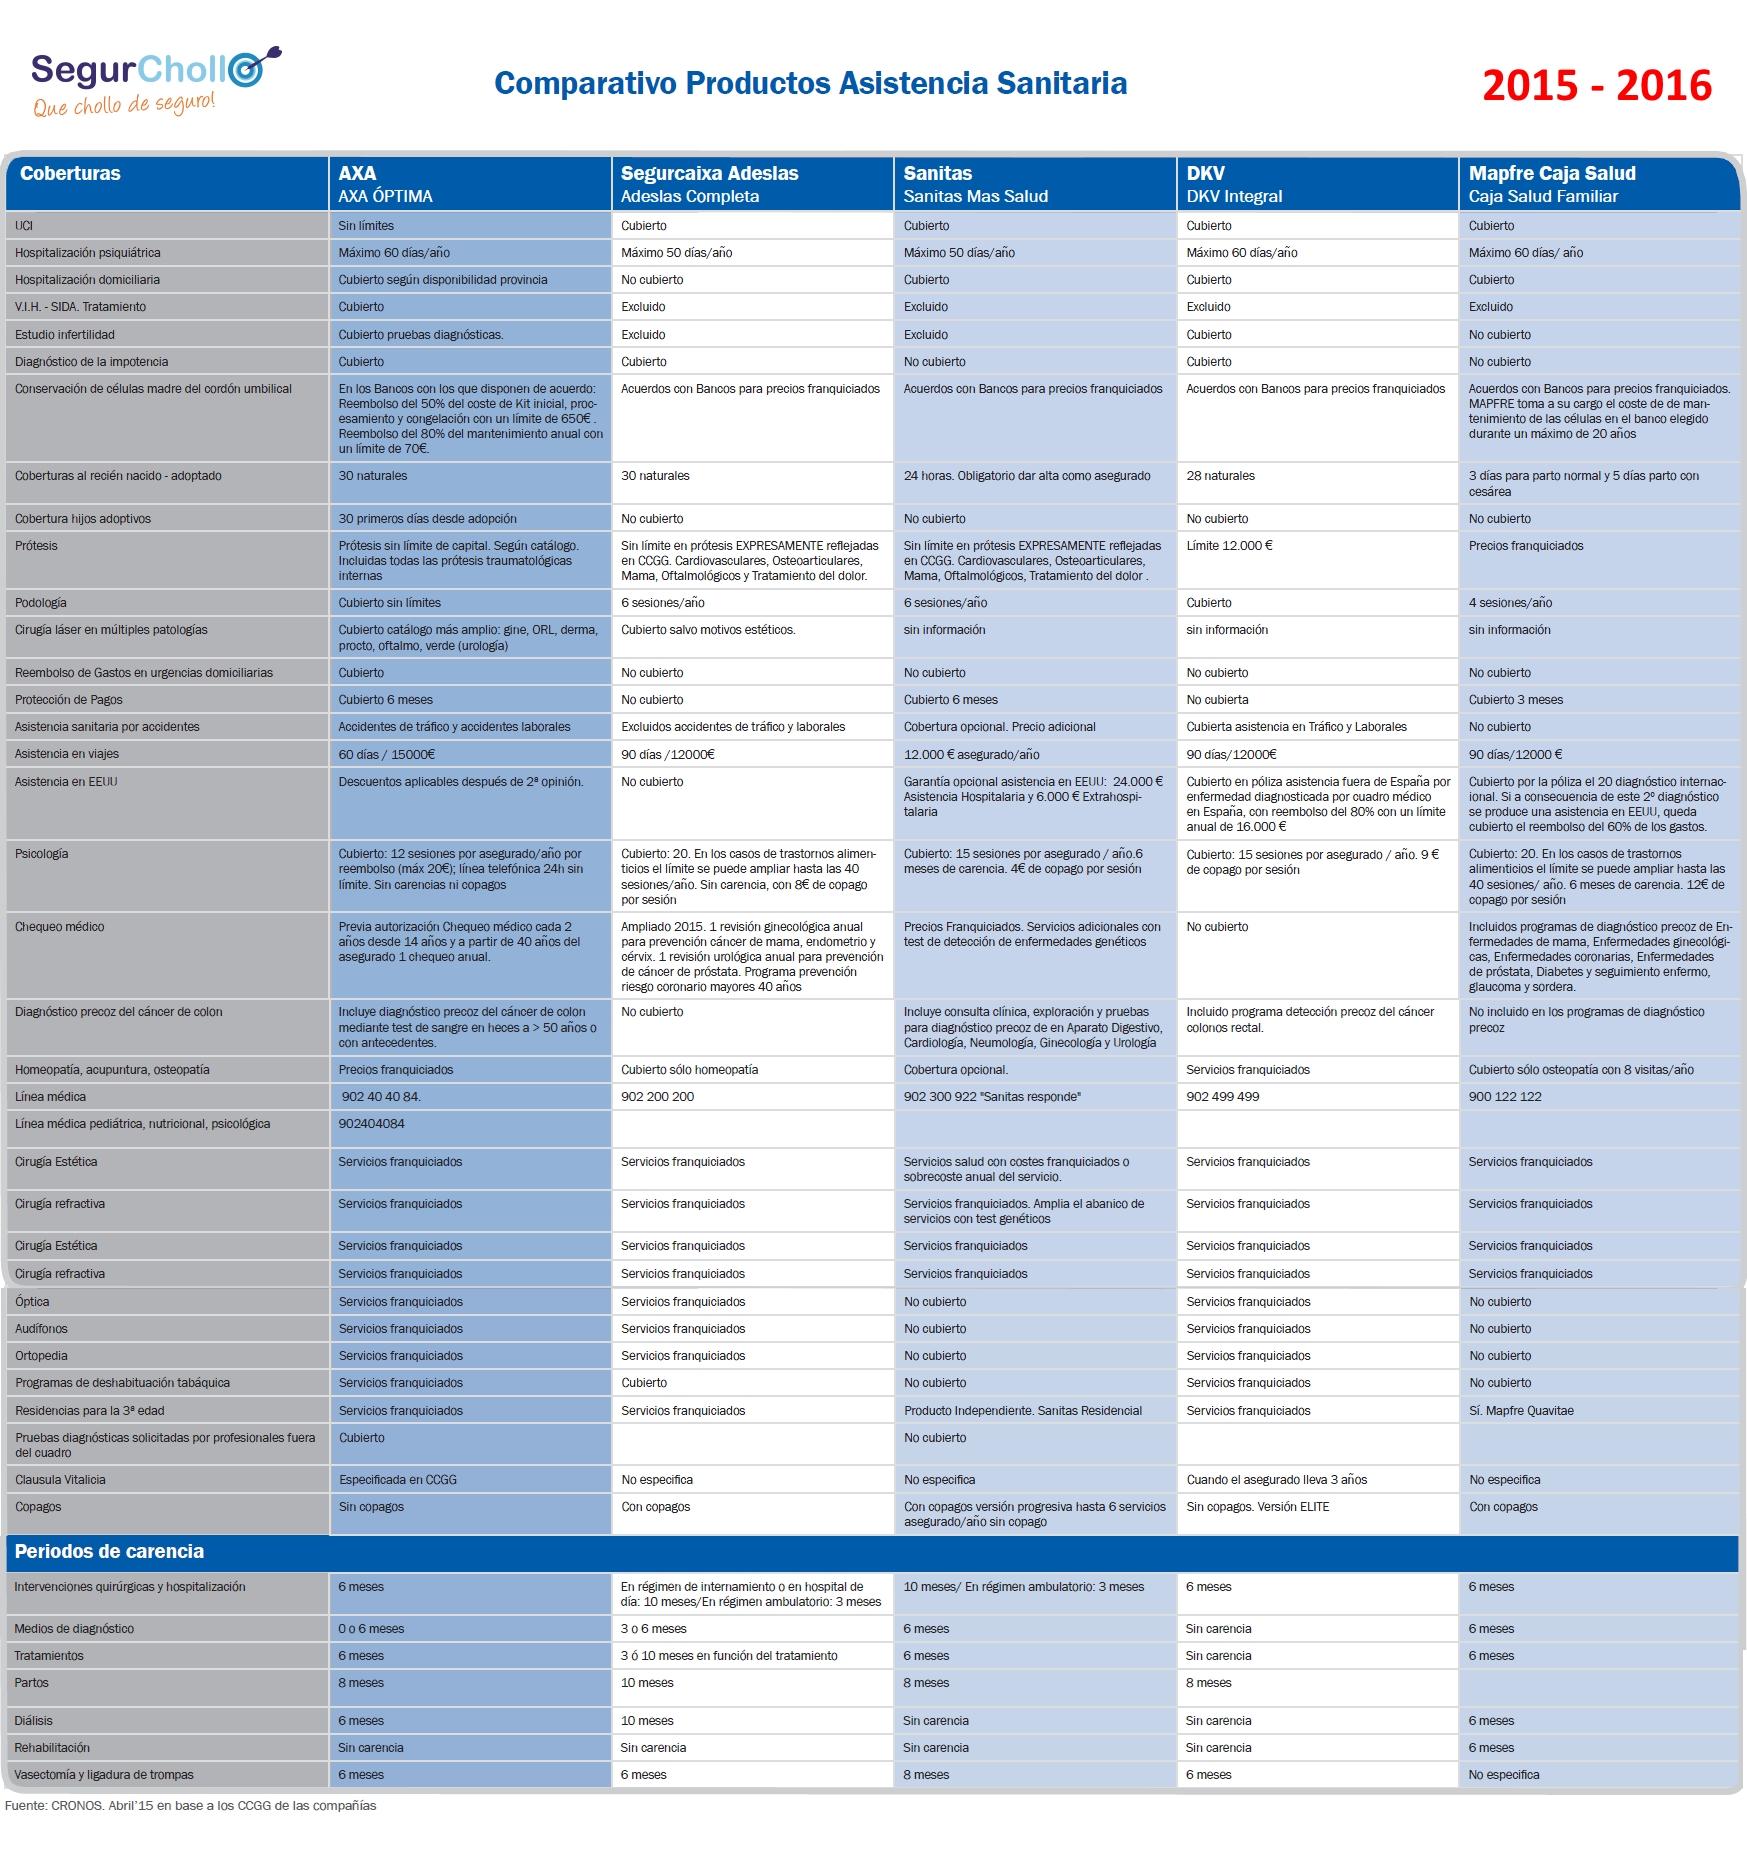 comparativo coberturas principales compañias de seguros de salud privados